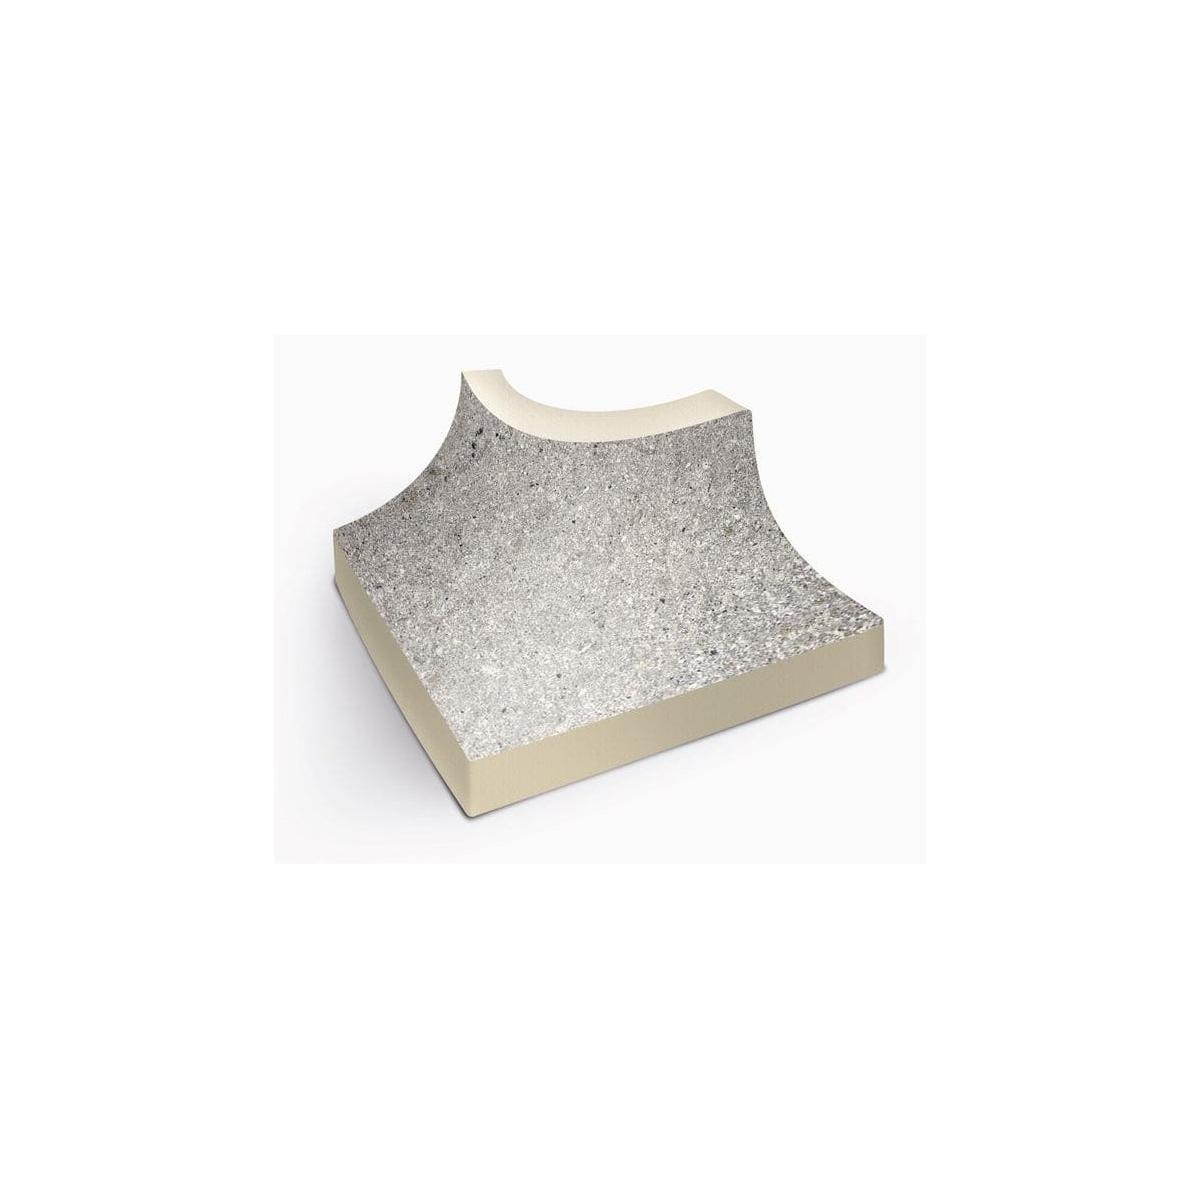 Esquinera interior Stromboli Silver de 6x6